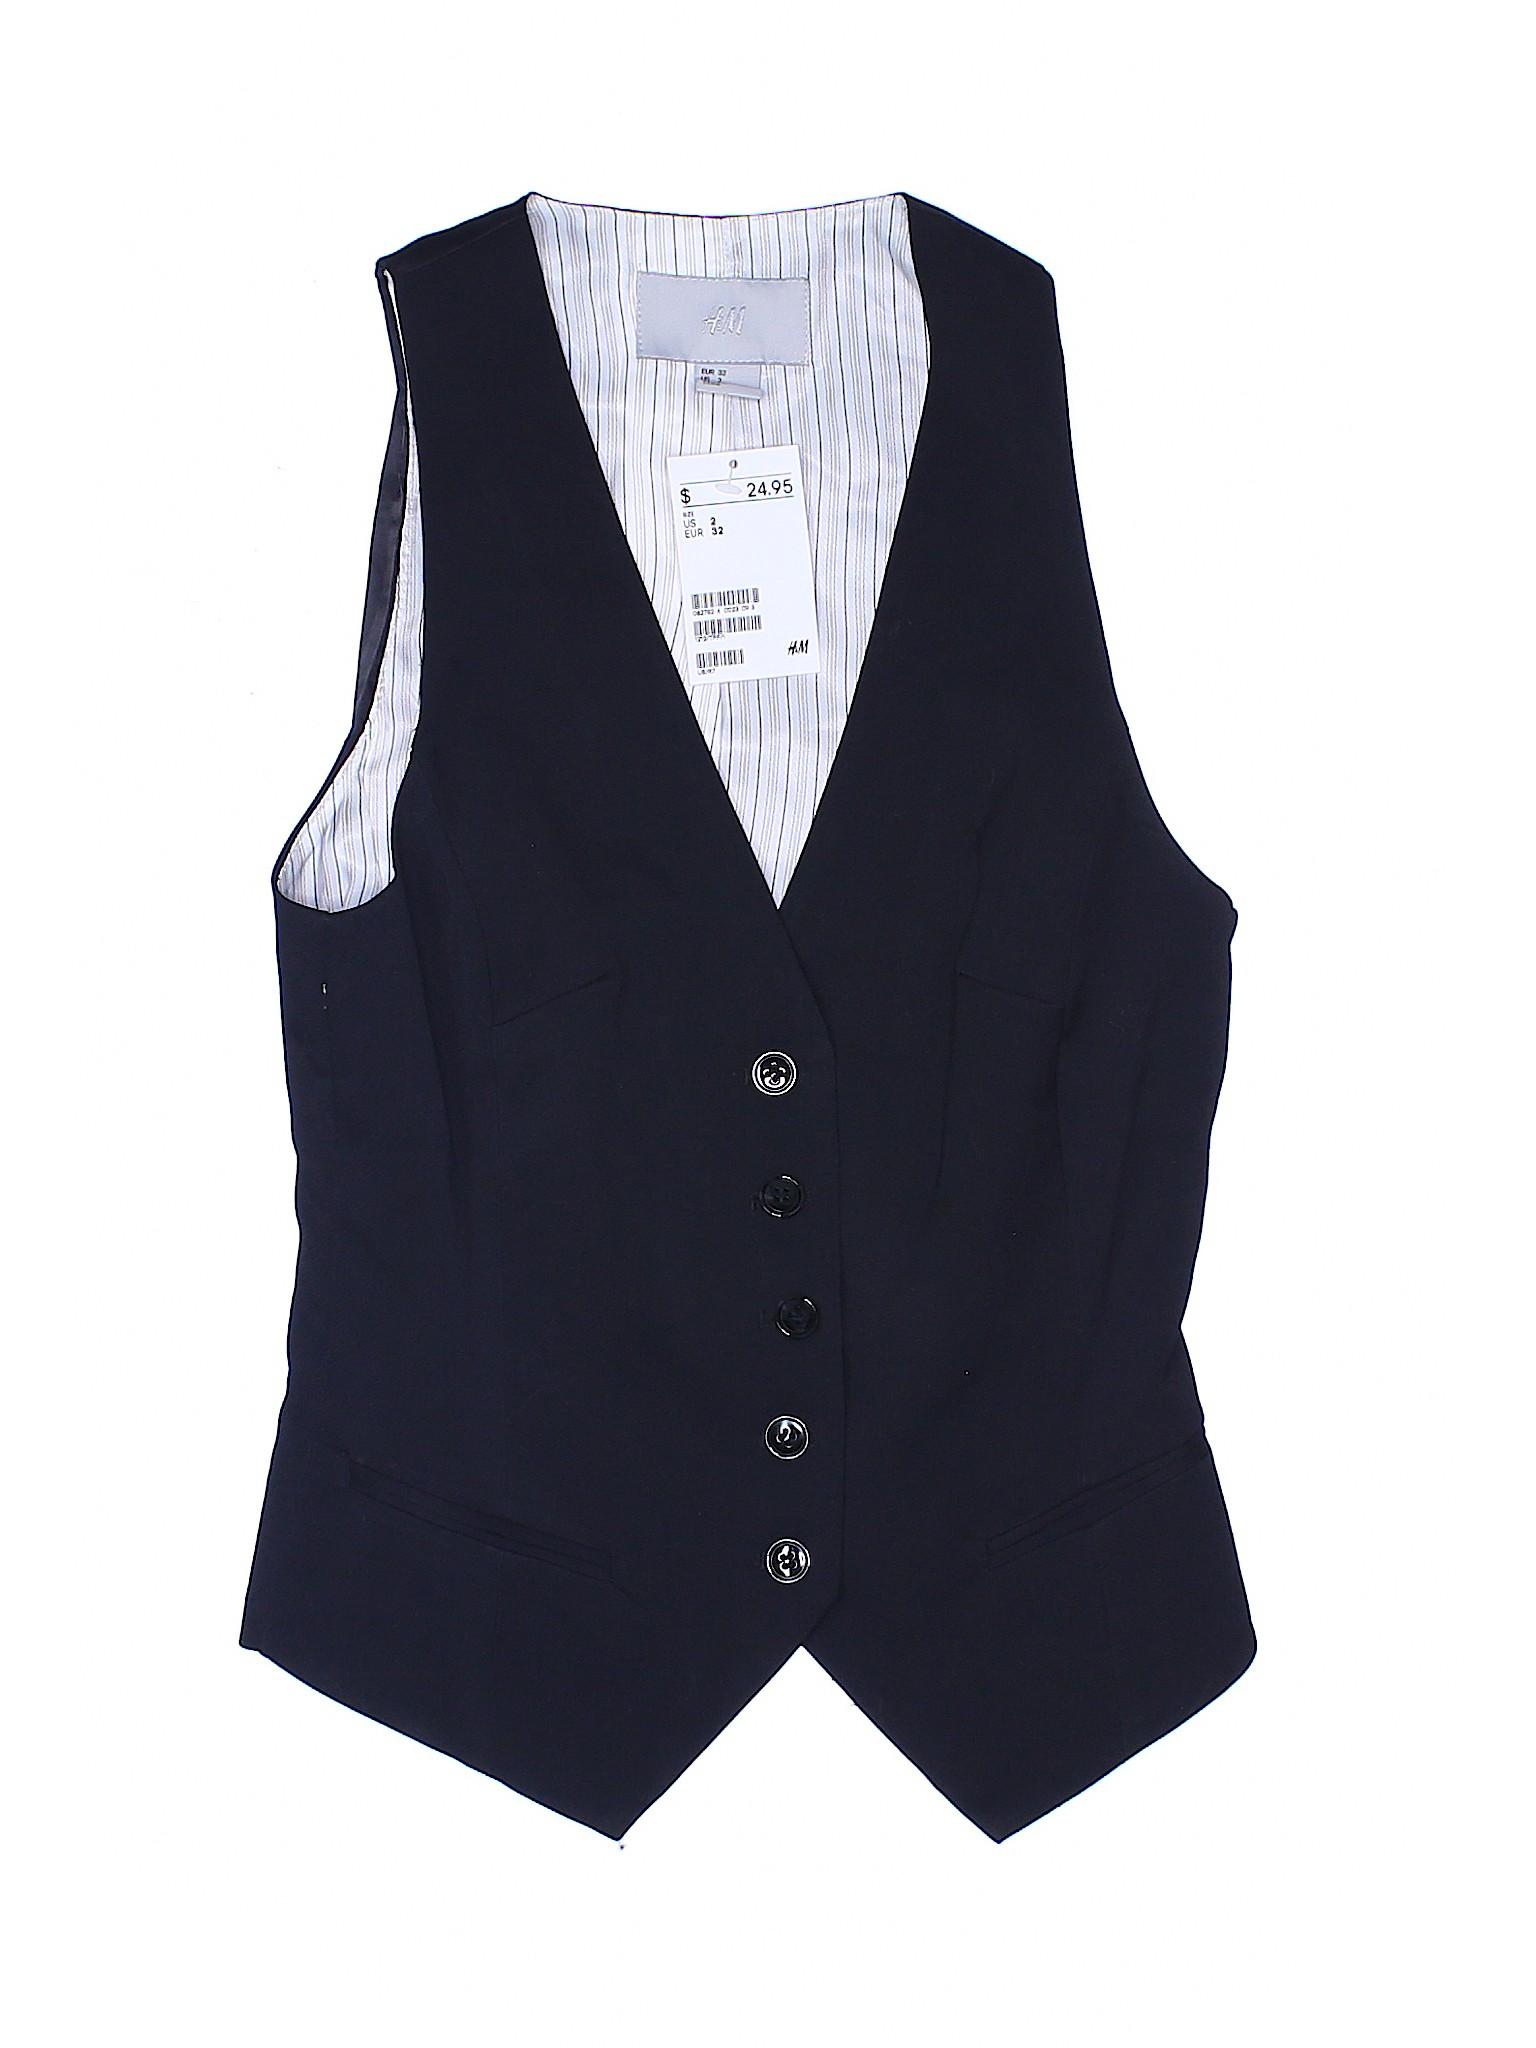 H amp;M Boutique Tuxedo amp;M Vest H Boutique Tuxedo Vest H Vest amp;M Tuxedo Boutique Boutique Tuxedo H amp;M nUpFRqxCw